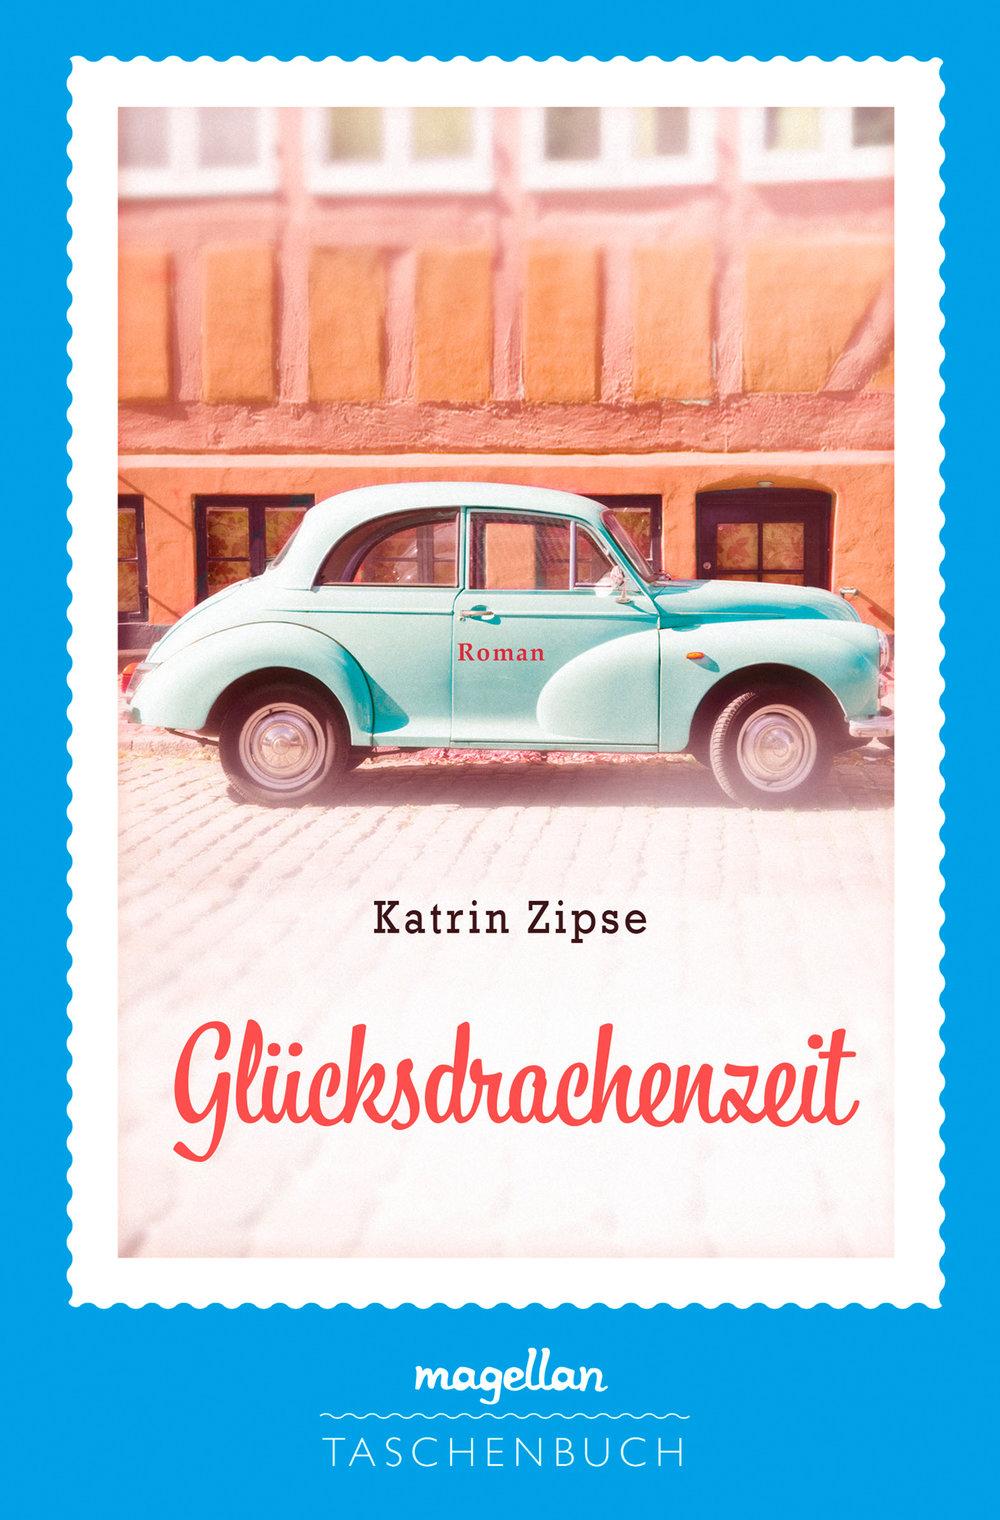 Gluecksdrachenzeit_Cover-2019_2400.jpg